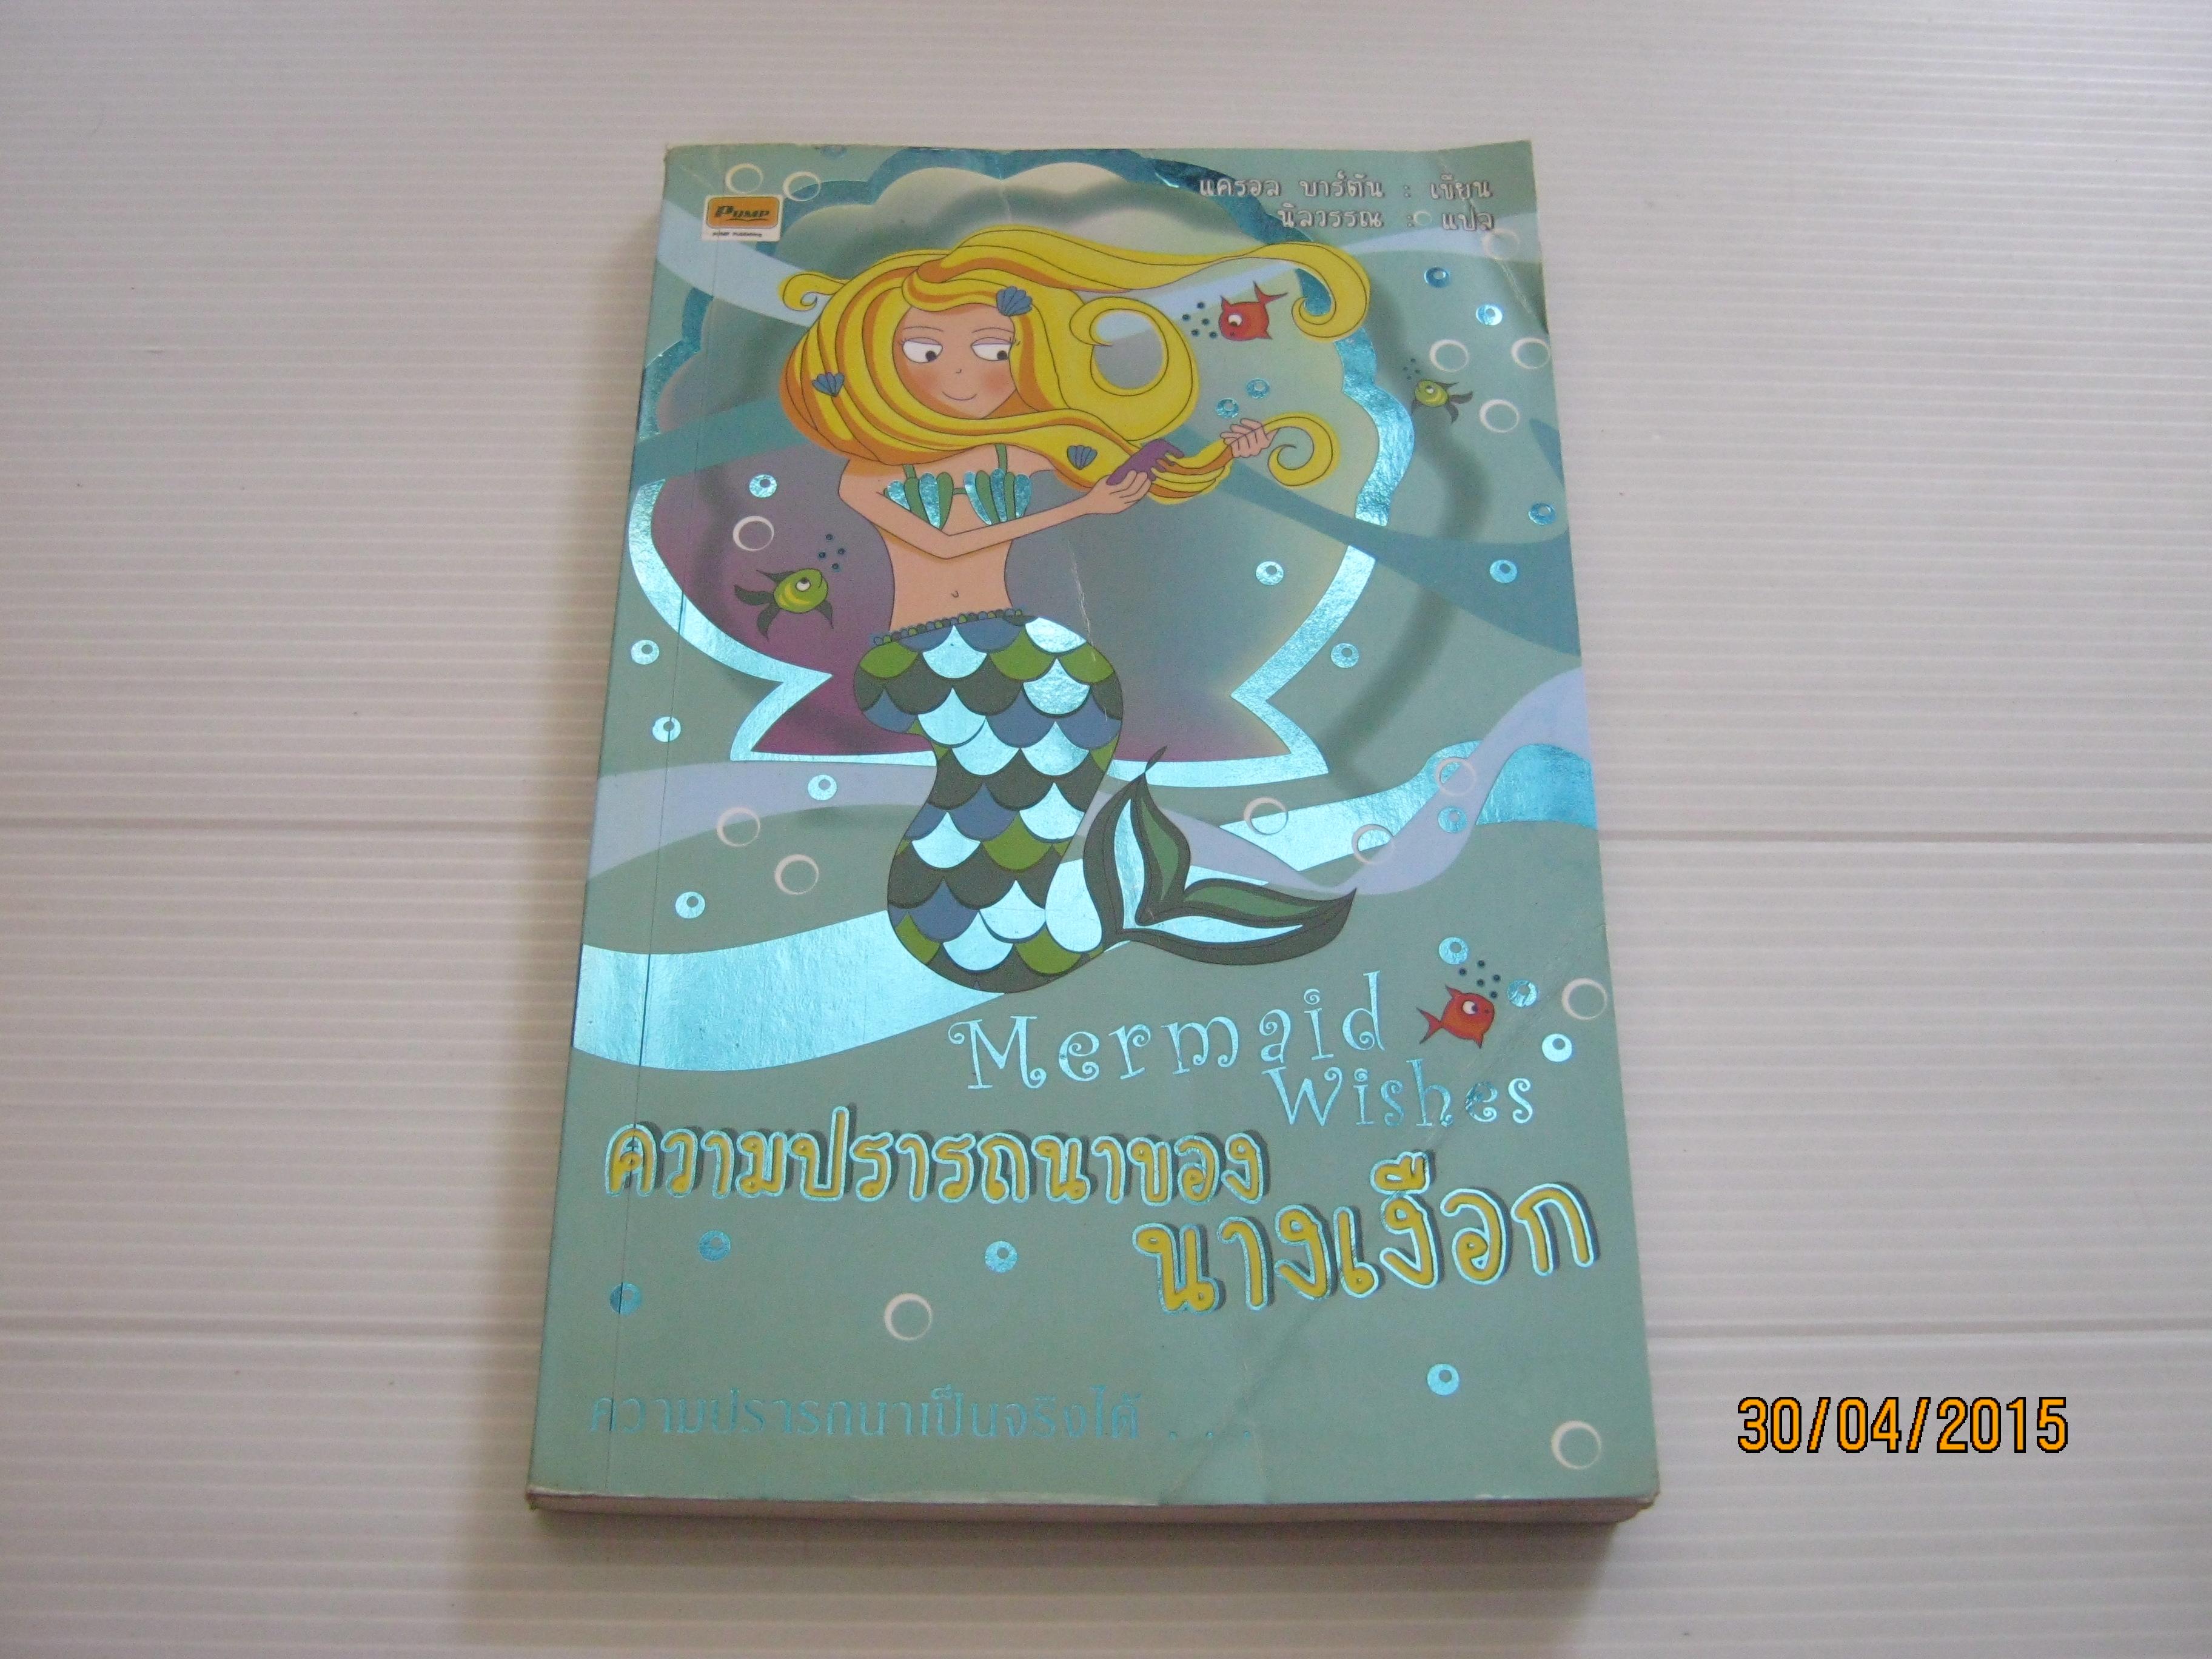 ความปรารถนาของนางเงือก (Mermaid Wishes) แครอล บาร์ตัน เขียน นิลวรรณ แปล